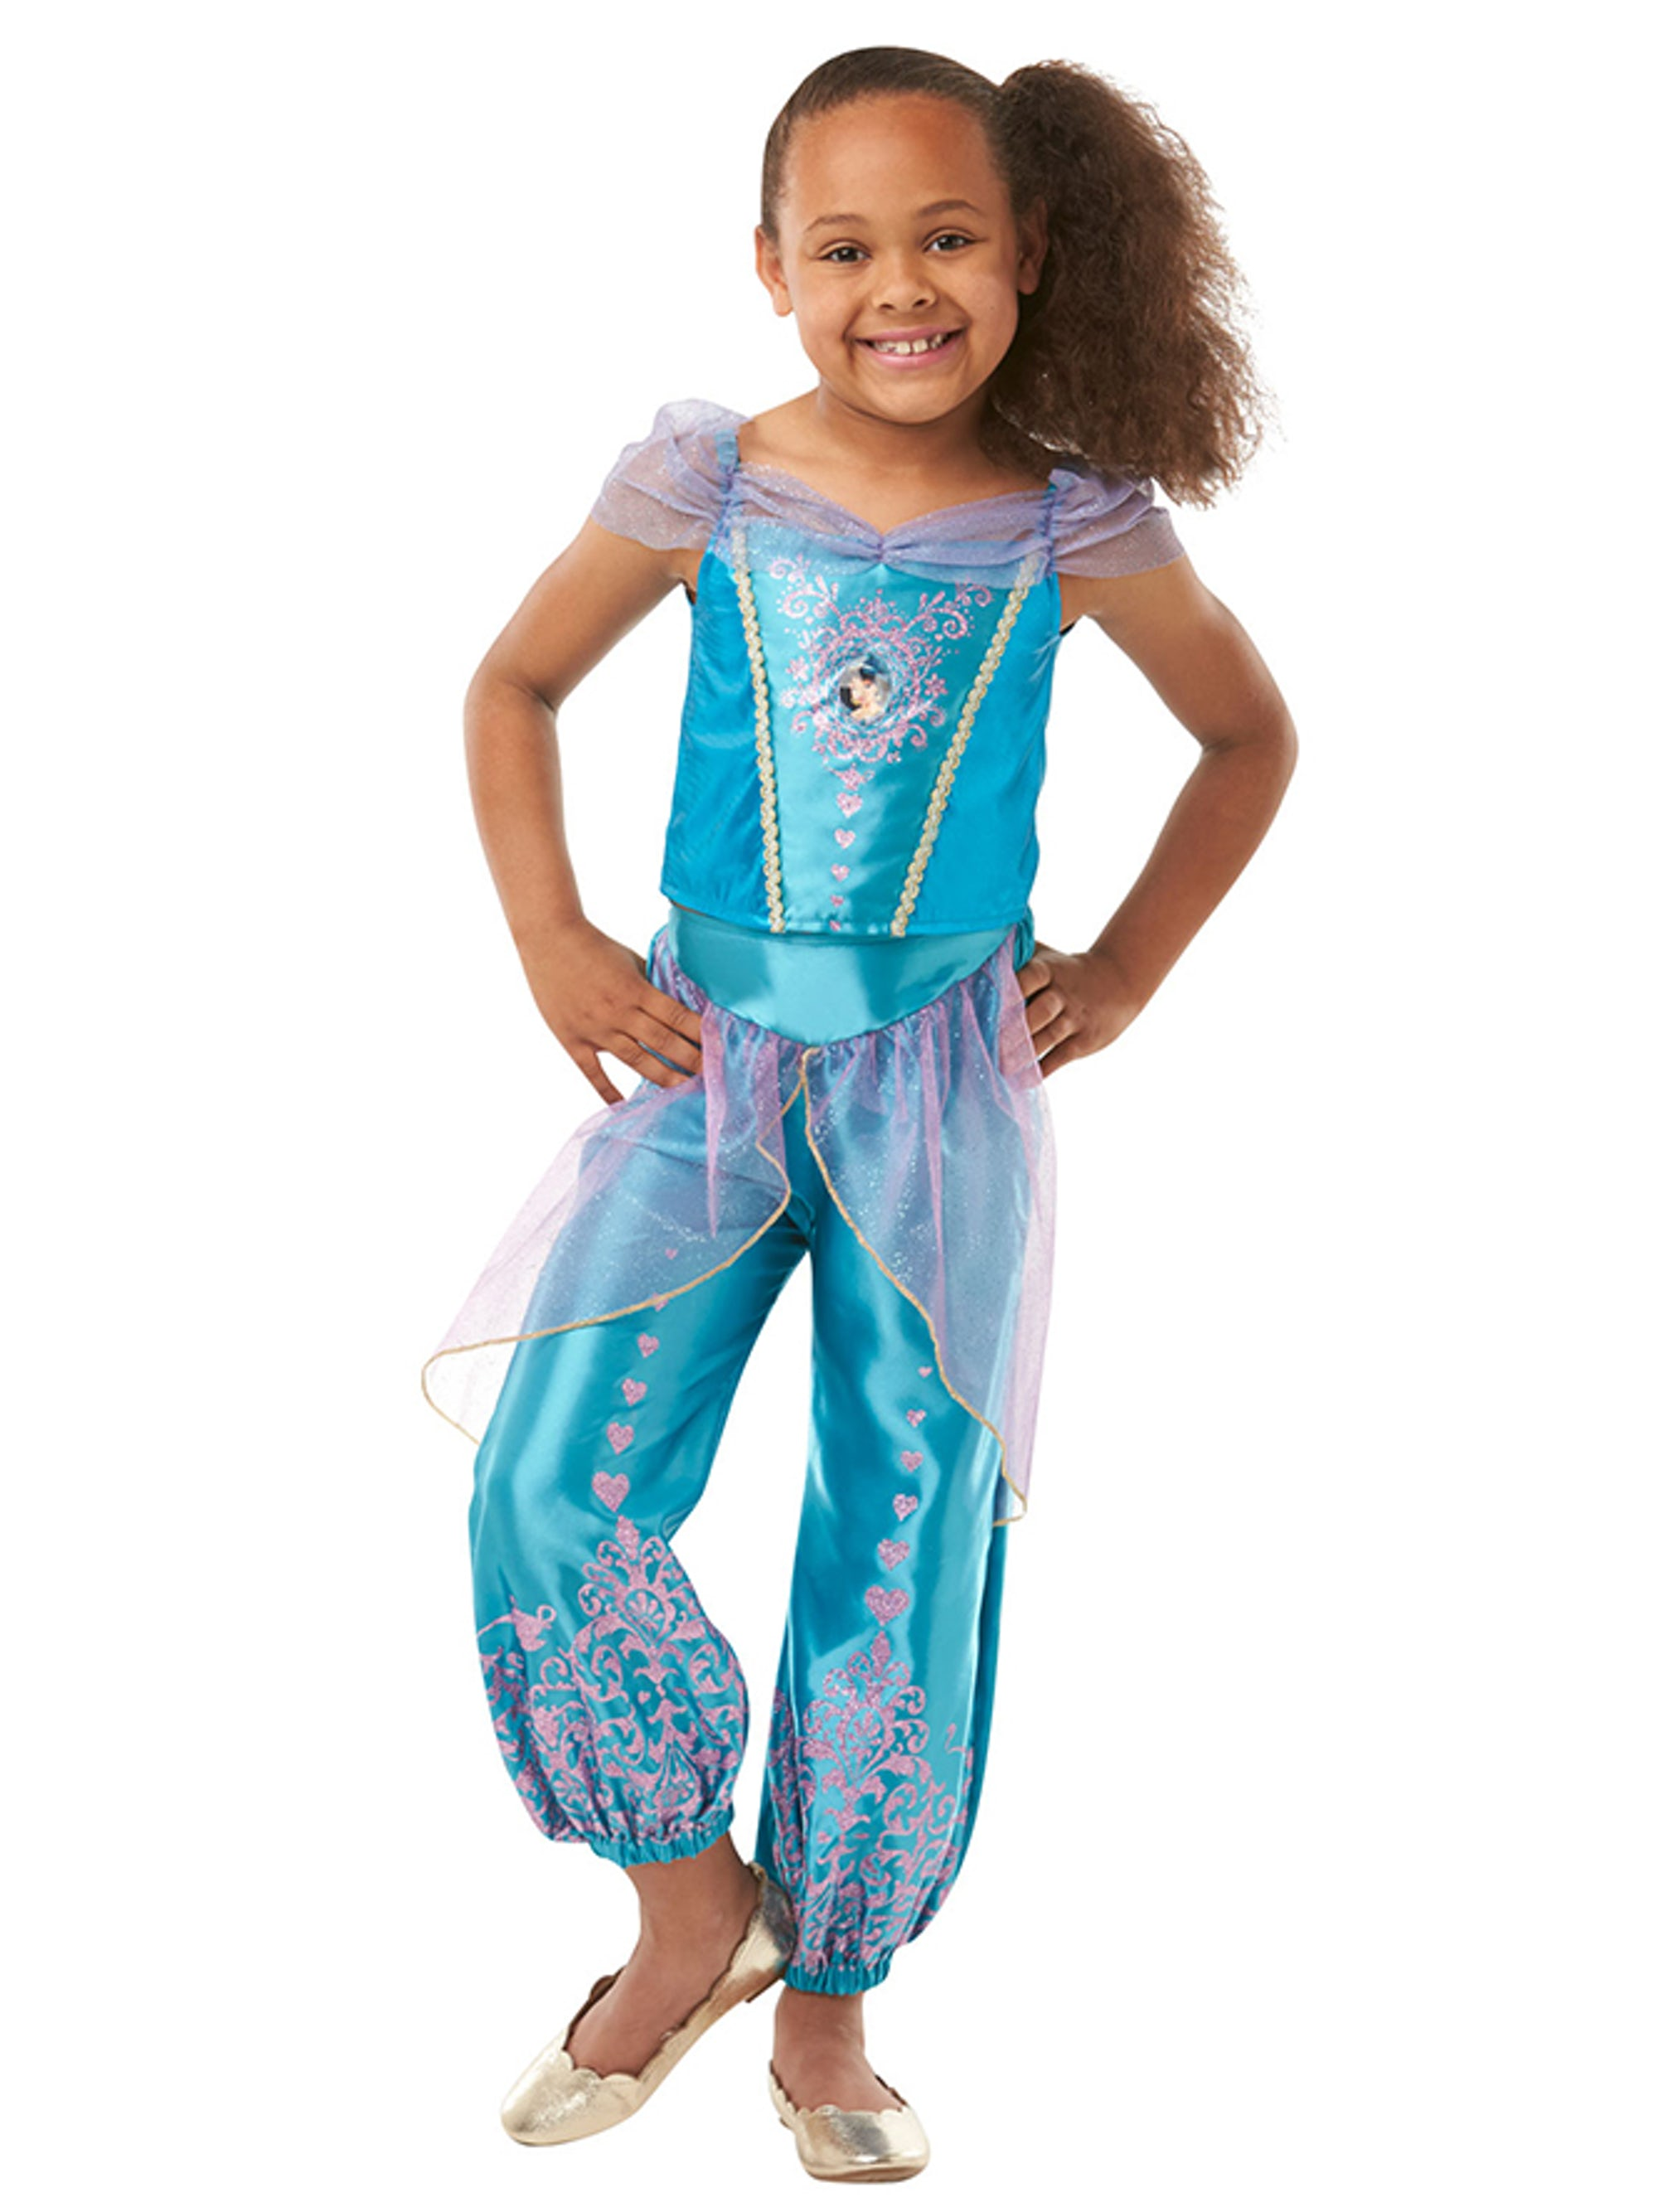 jasmin kostume til børn - Disney prinsesse kostume til børn